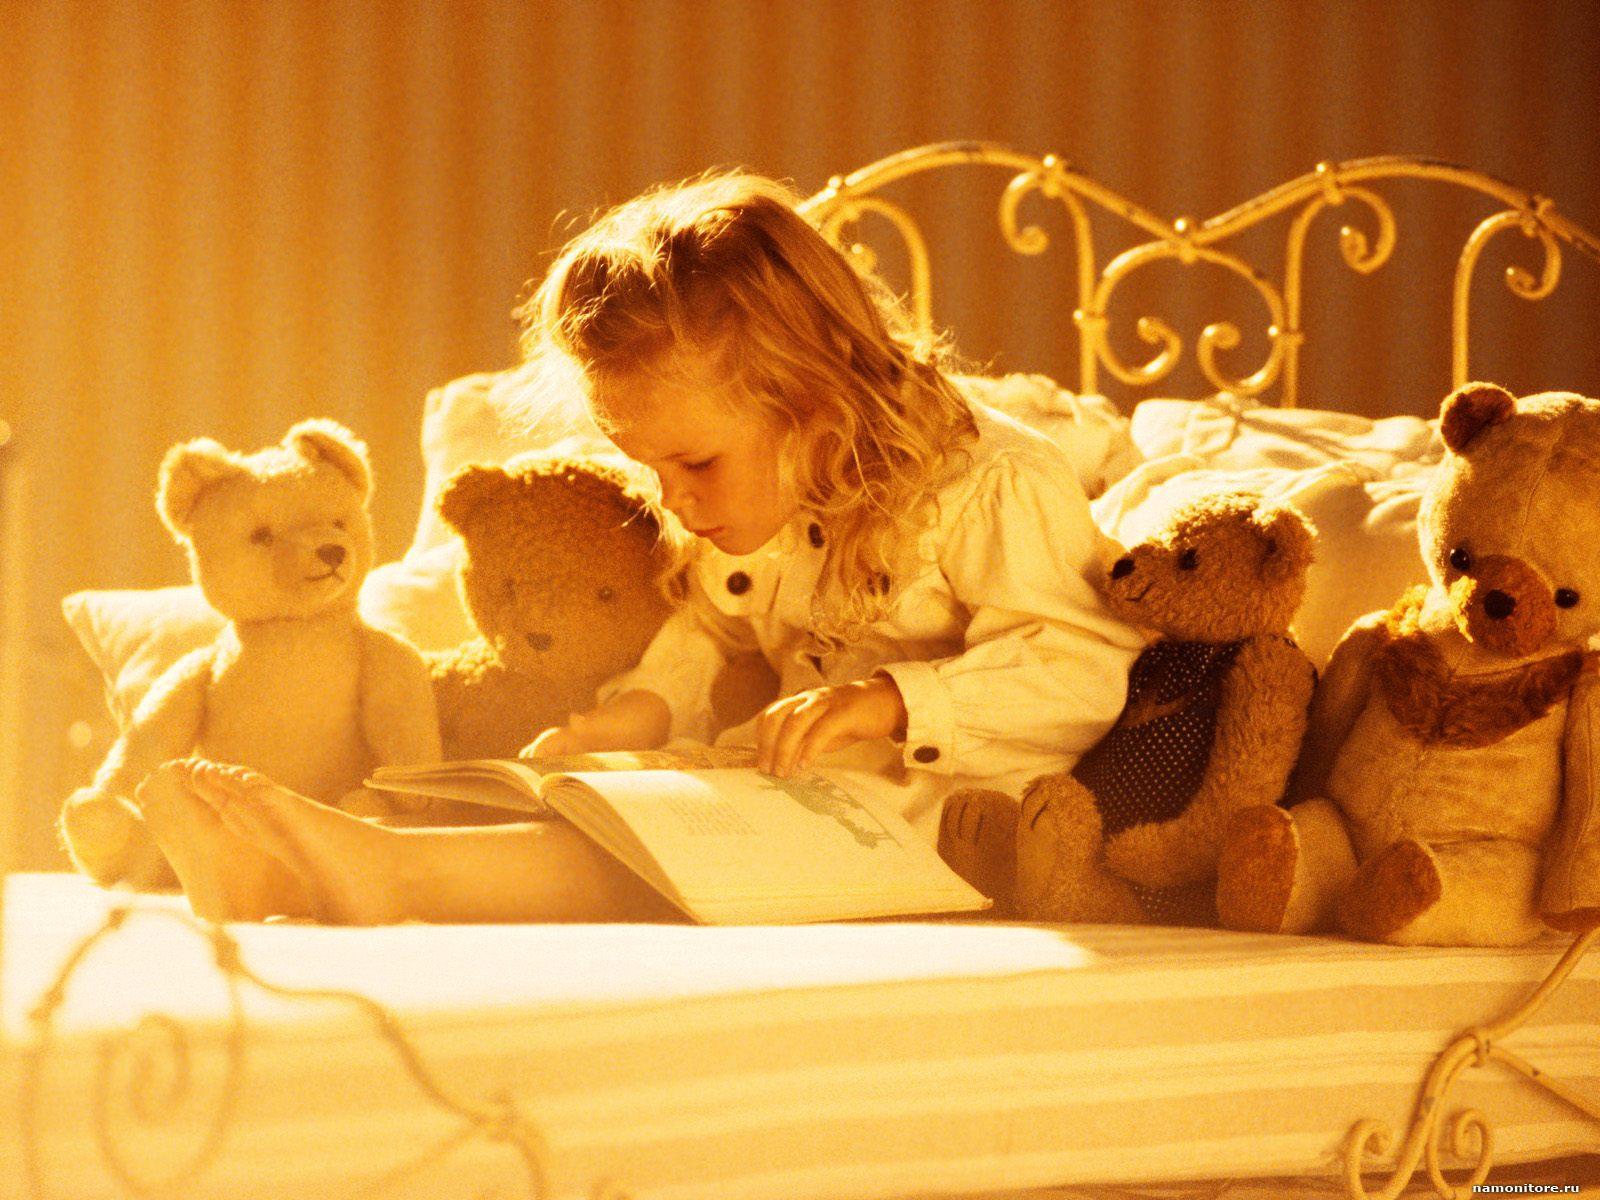 Роль игрушки в развитии и становлении личности ребенка